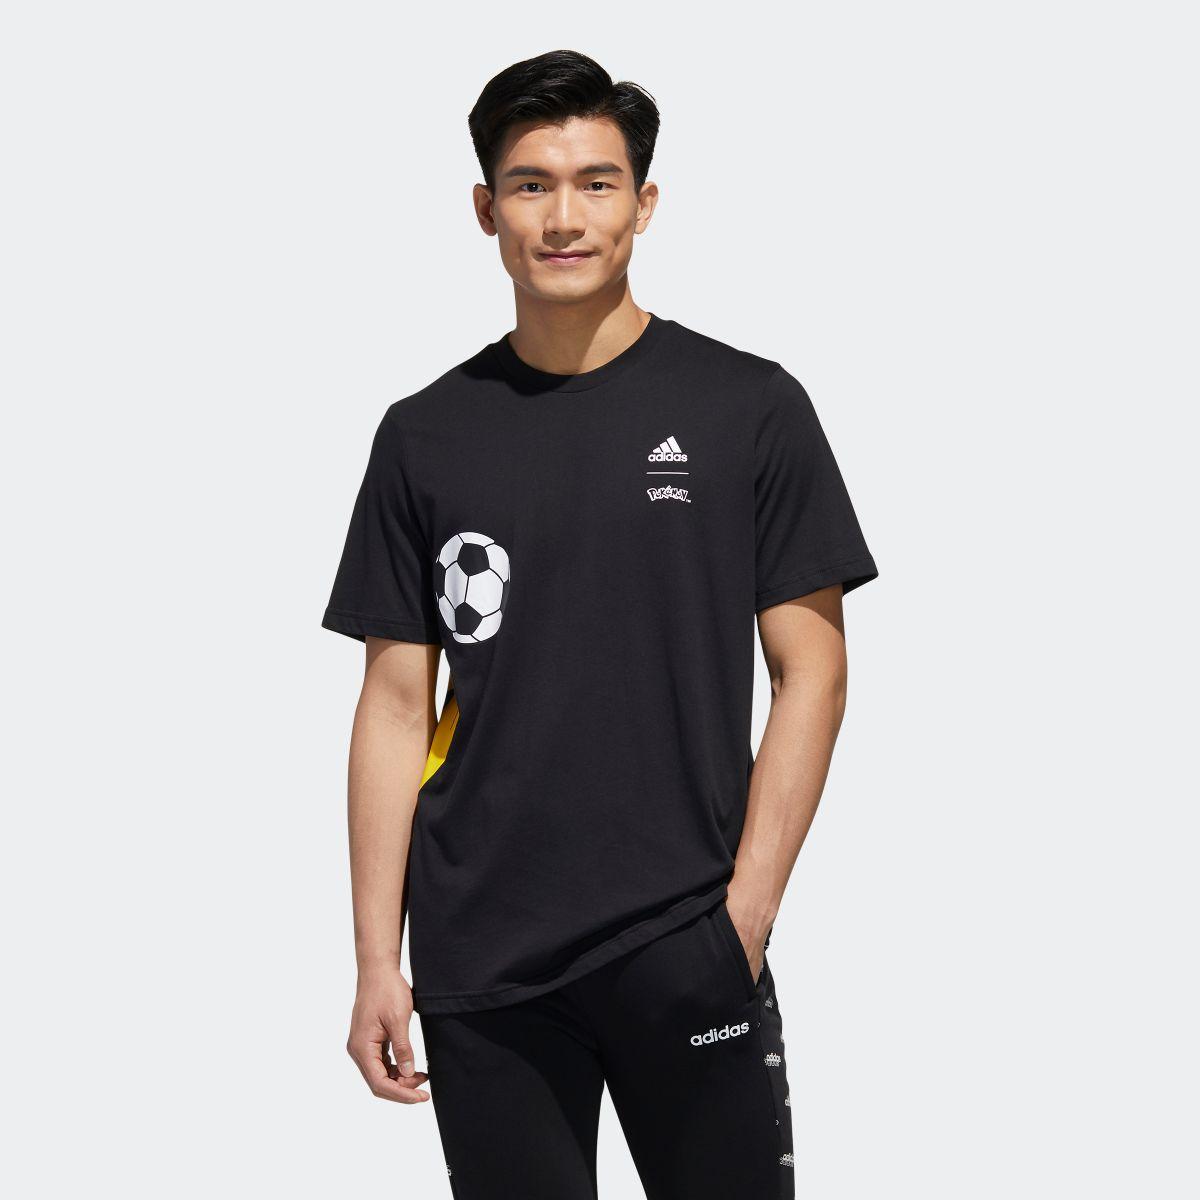 トップス, Tシャツ・カットソー  adidas T Pokemon Pikachu Tee T GD5856 p0810